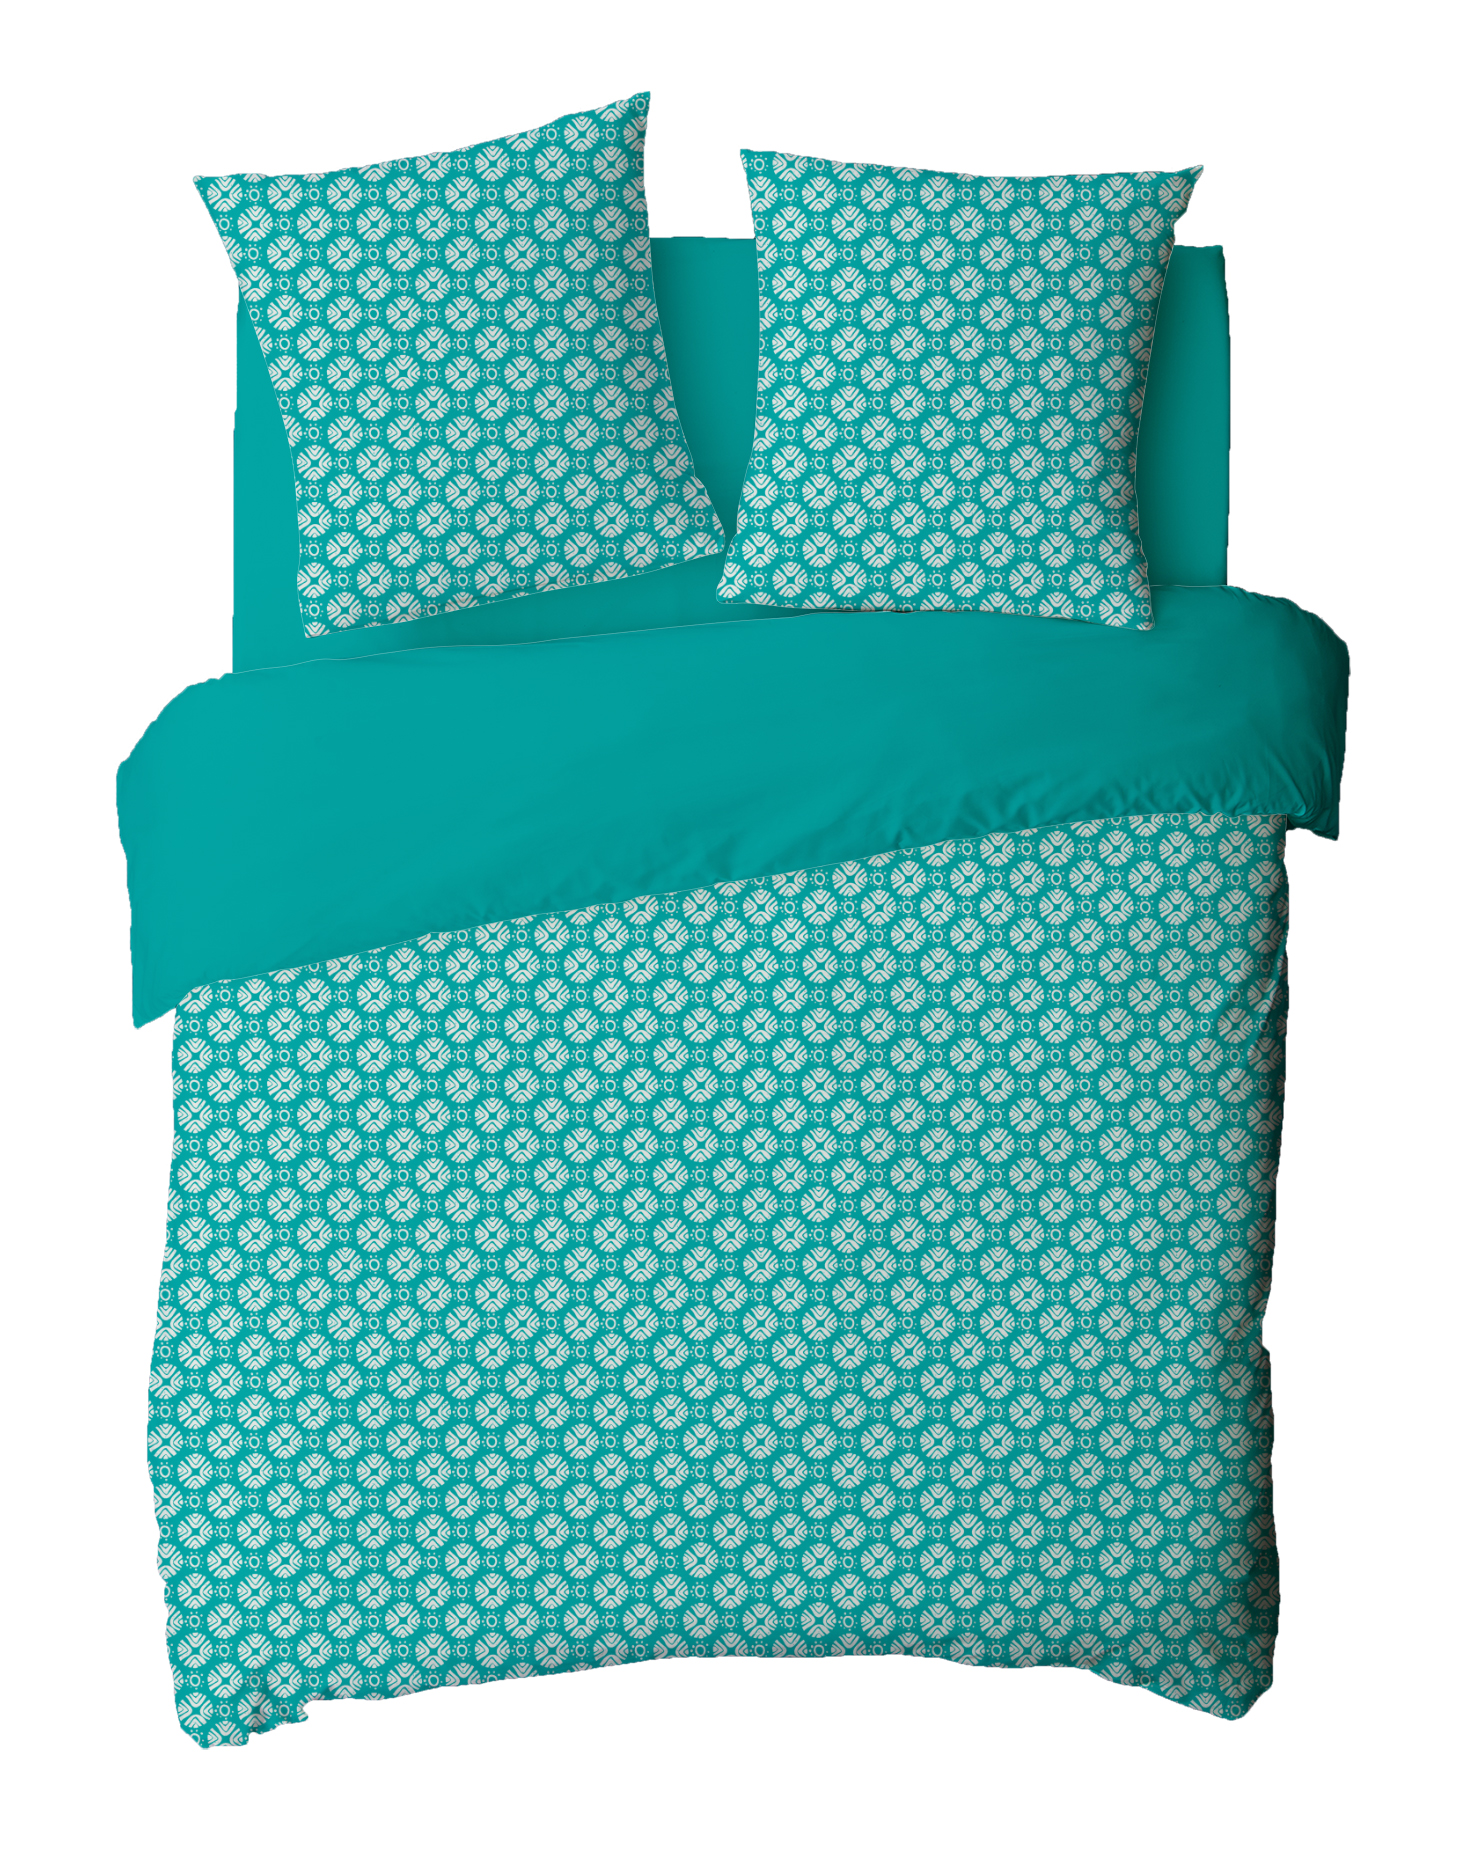 Parure de couette 100% coton 3 pcs 240x220 ceramic turquoise